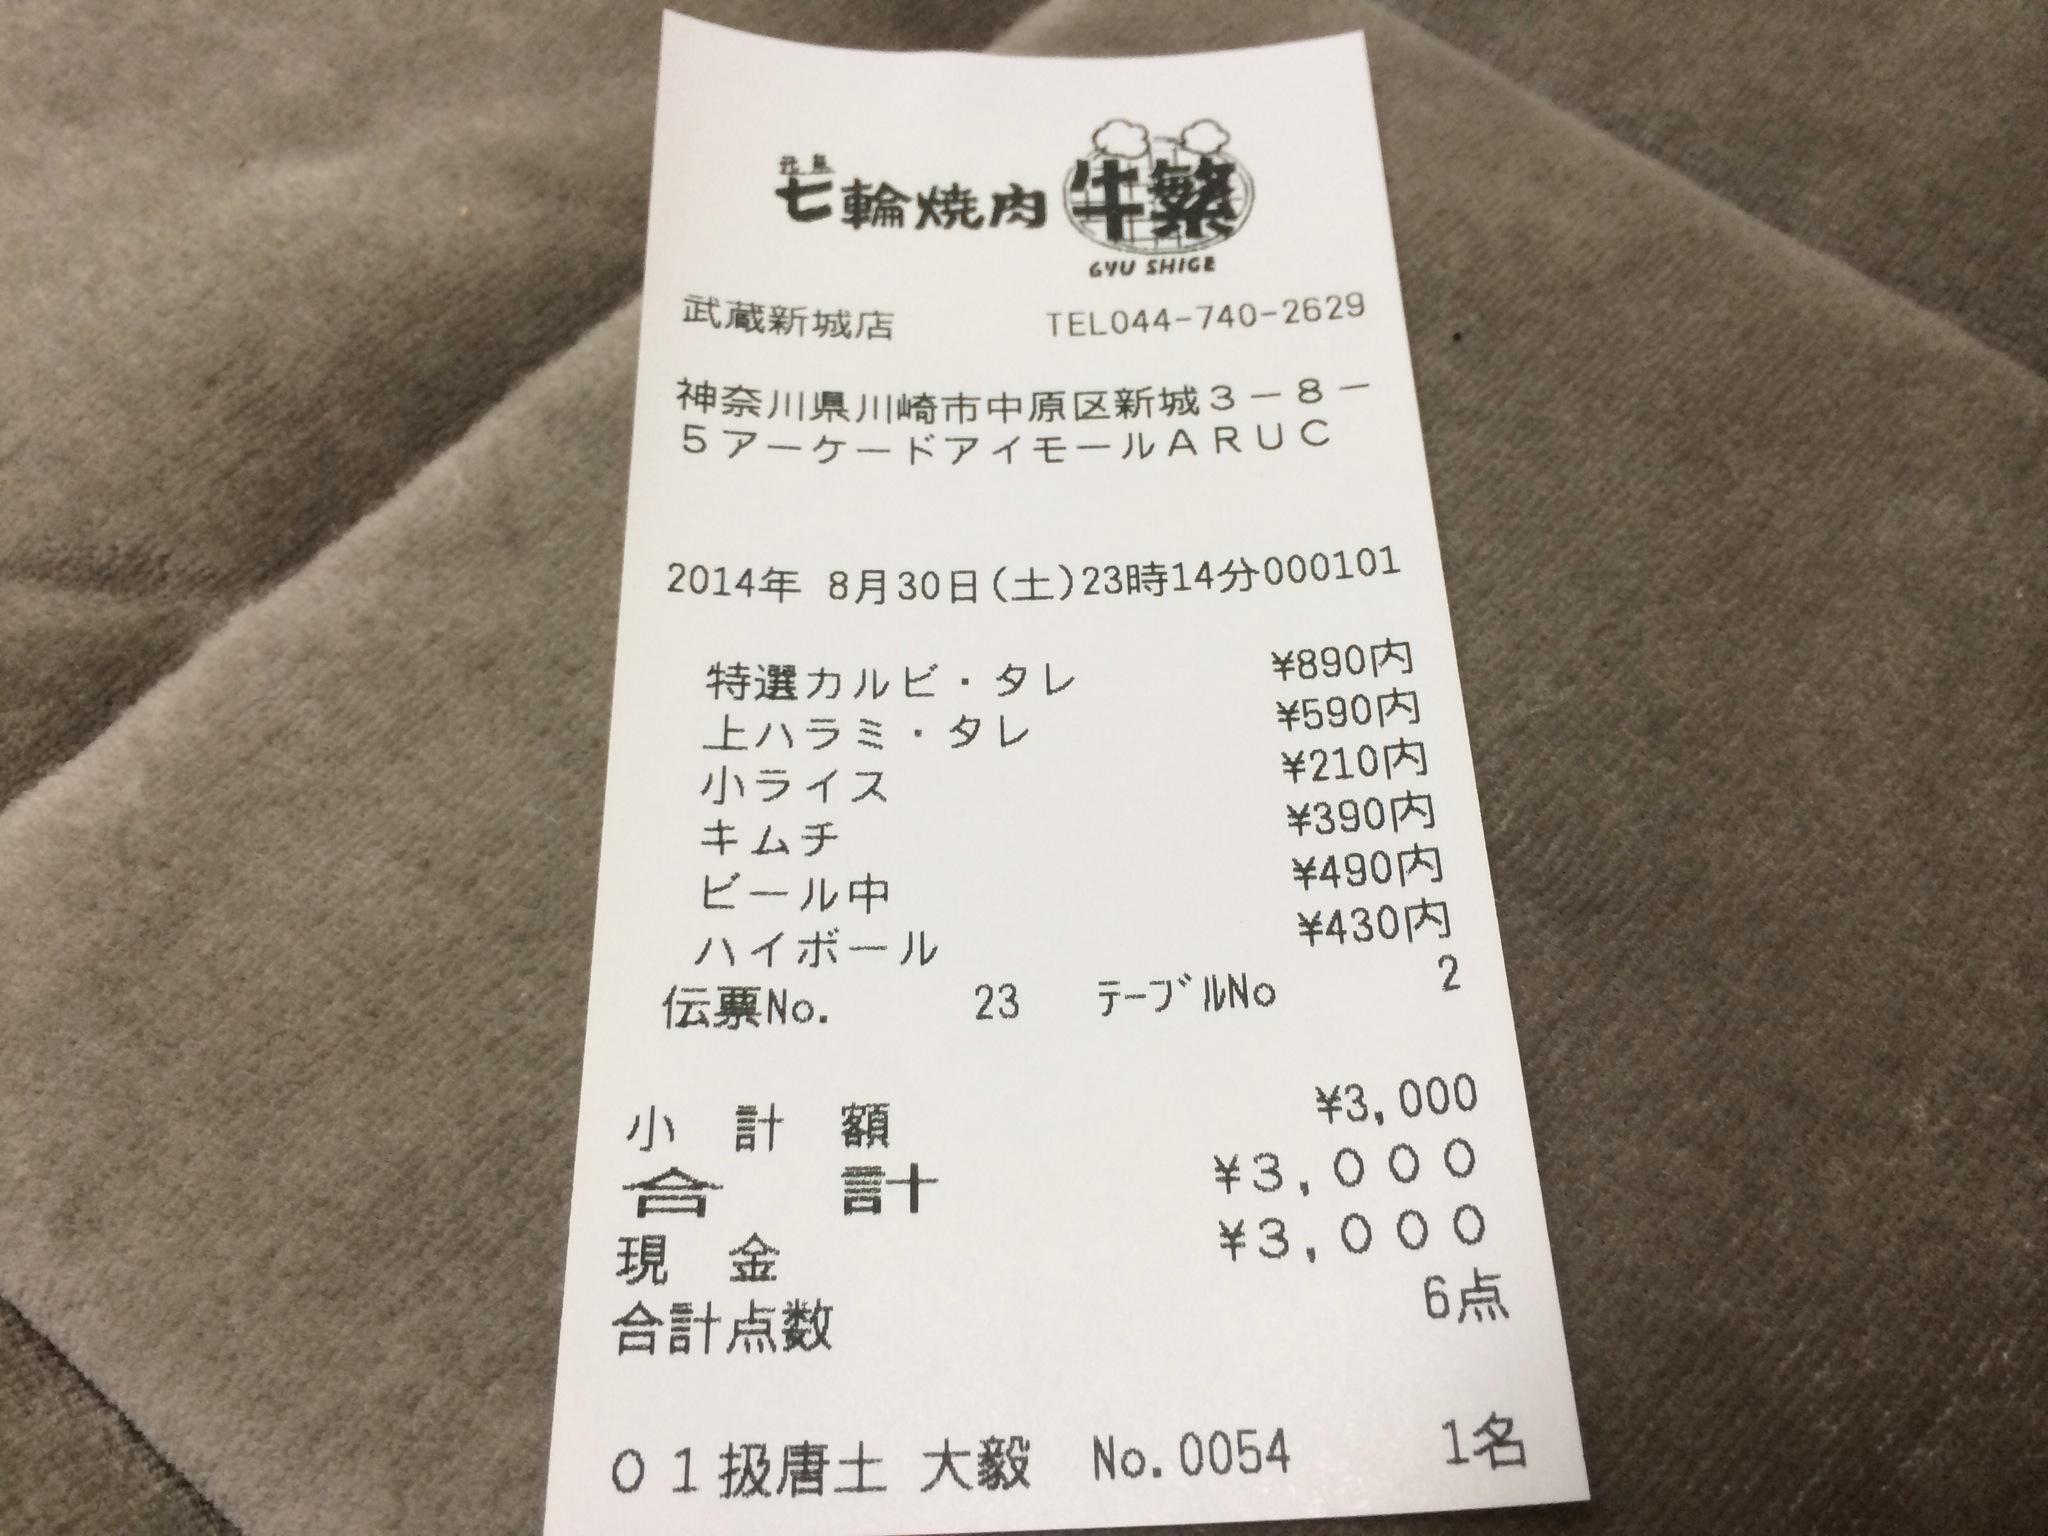 会計が3000円ポッキリ!また同じ物頼みそうです!笑